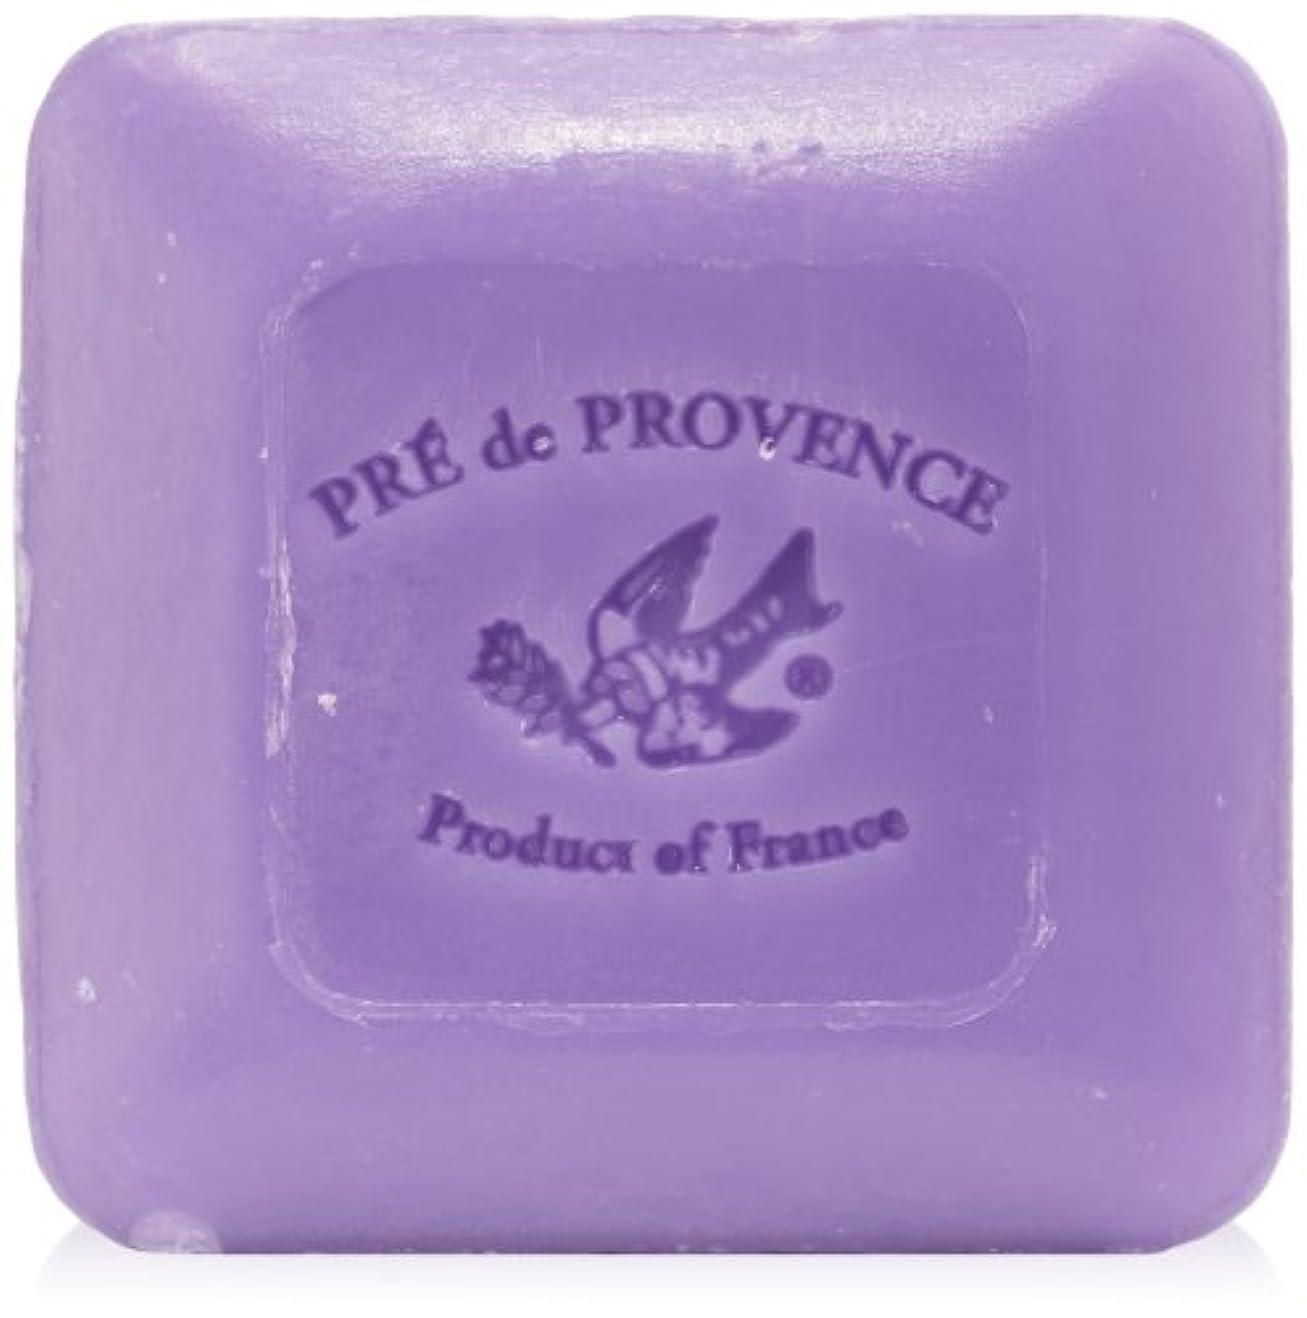 マリナー気を散らす正午PRE de PROVENCE シアバター エンリッチドソープ ギフトパック ジャスミン JASMIN プレ ドゥ プロヴァンス Shea Butter Enriched Soap